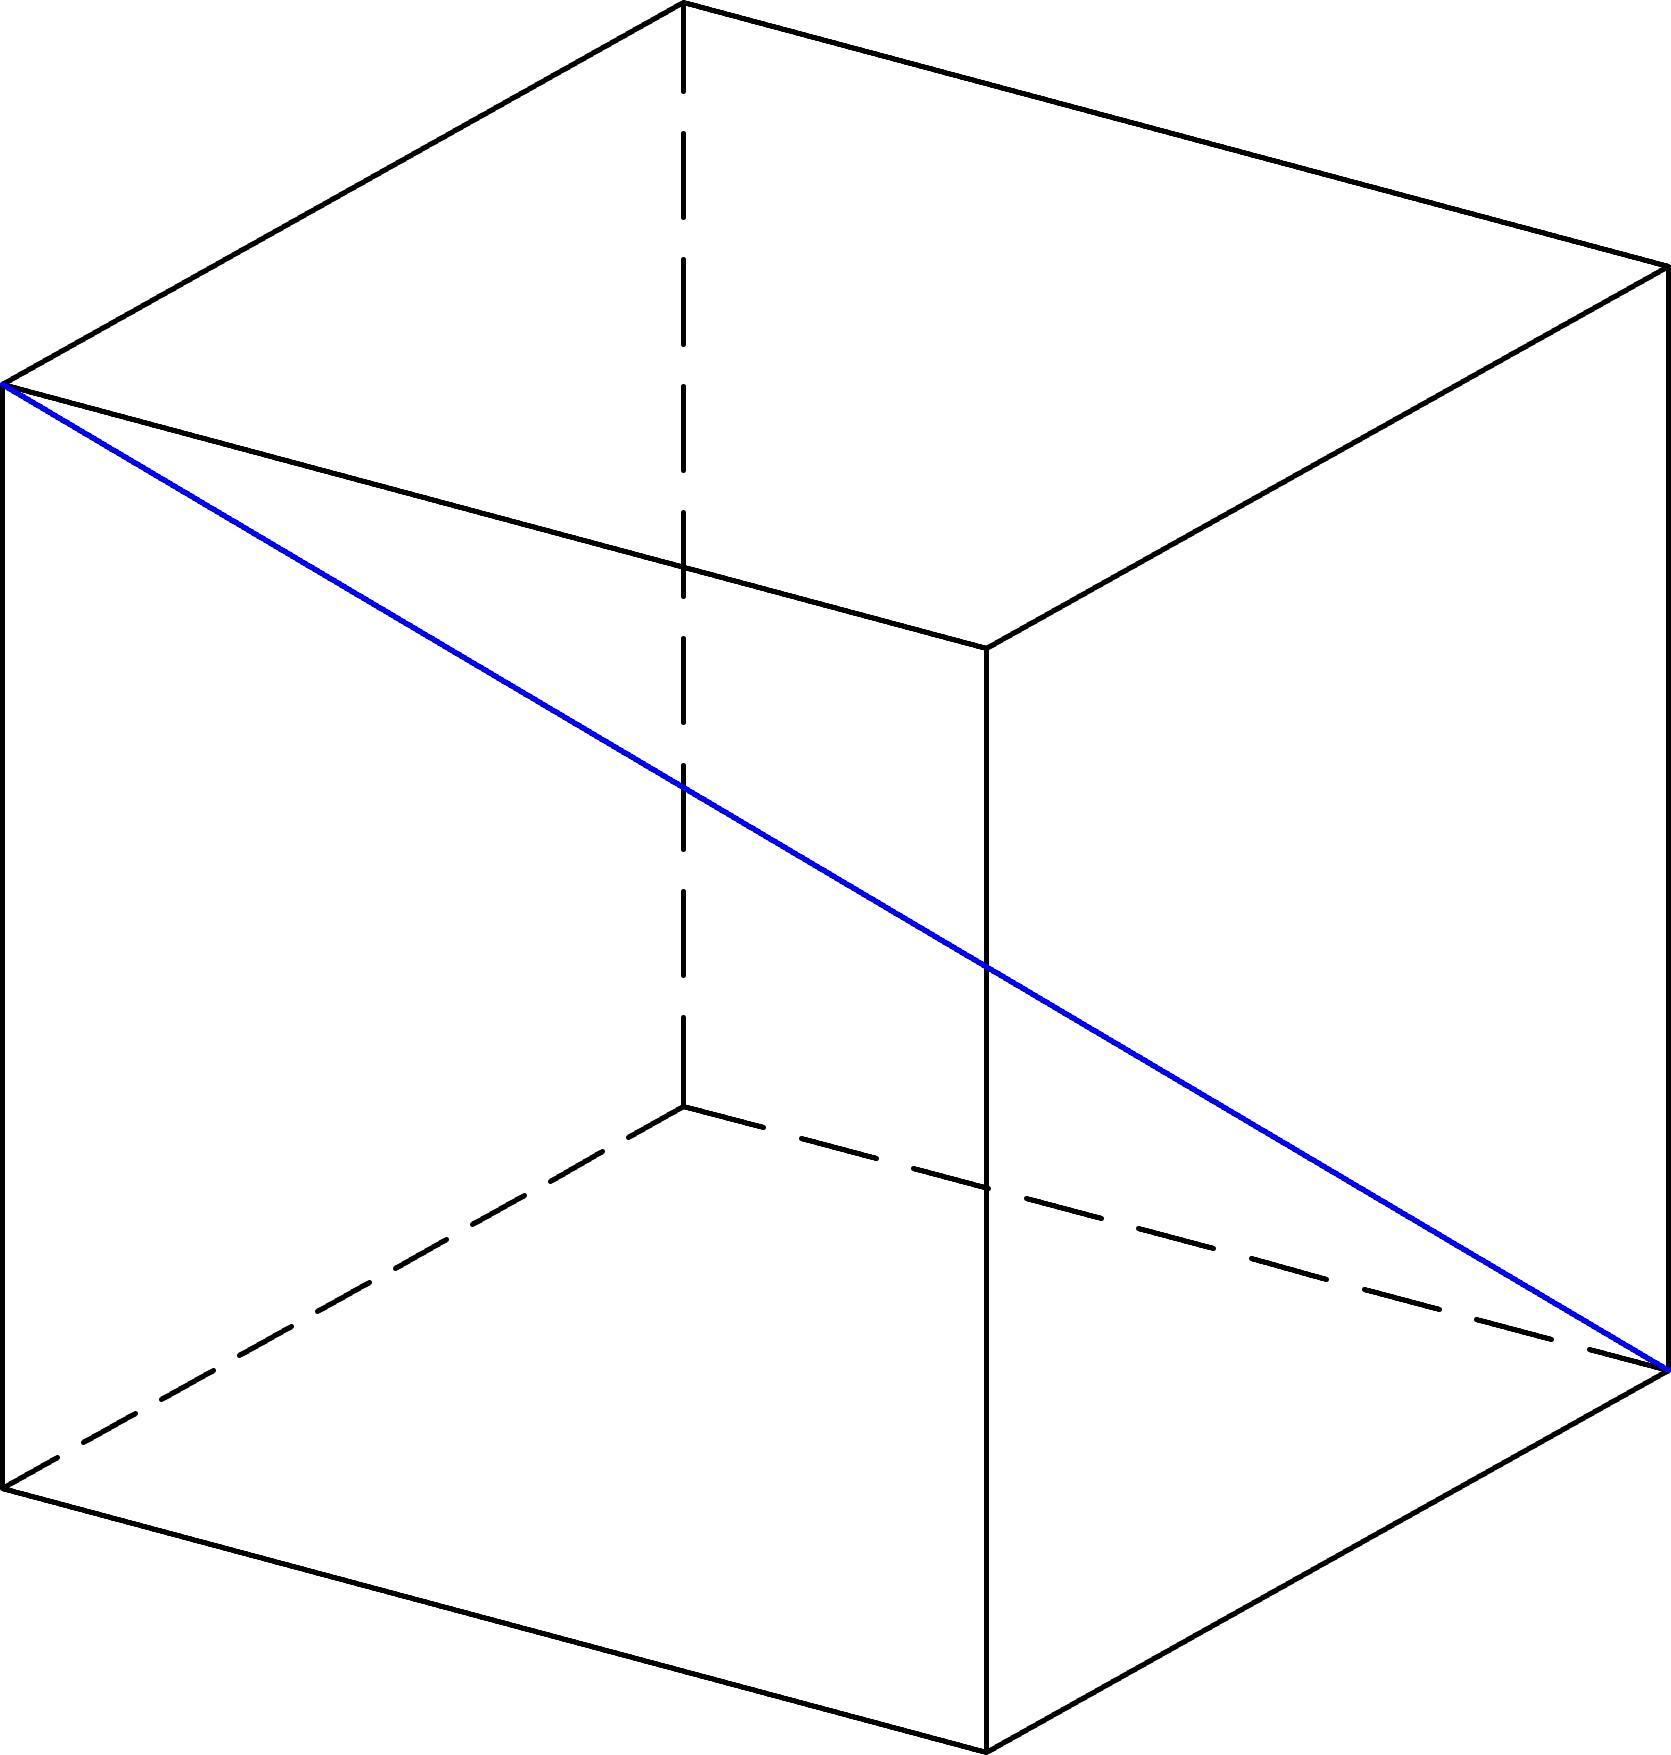 Чертежи многогранников СТУДЕНТОРИЙ куб гексаэдр чертежи многогранников многогранники геометрия стереометрия